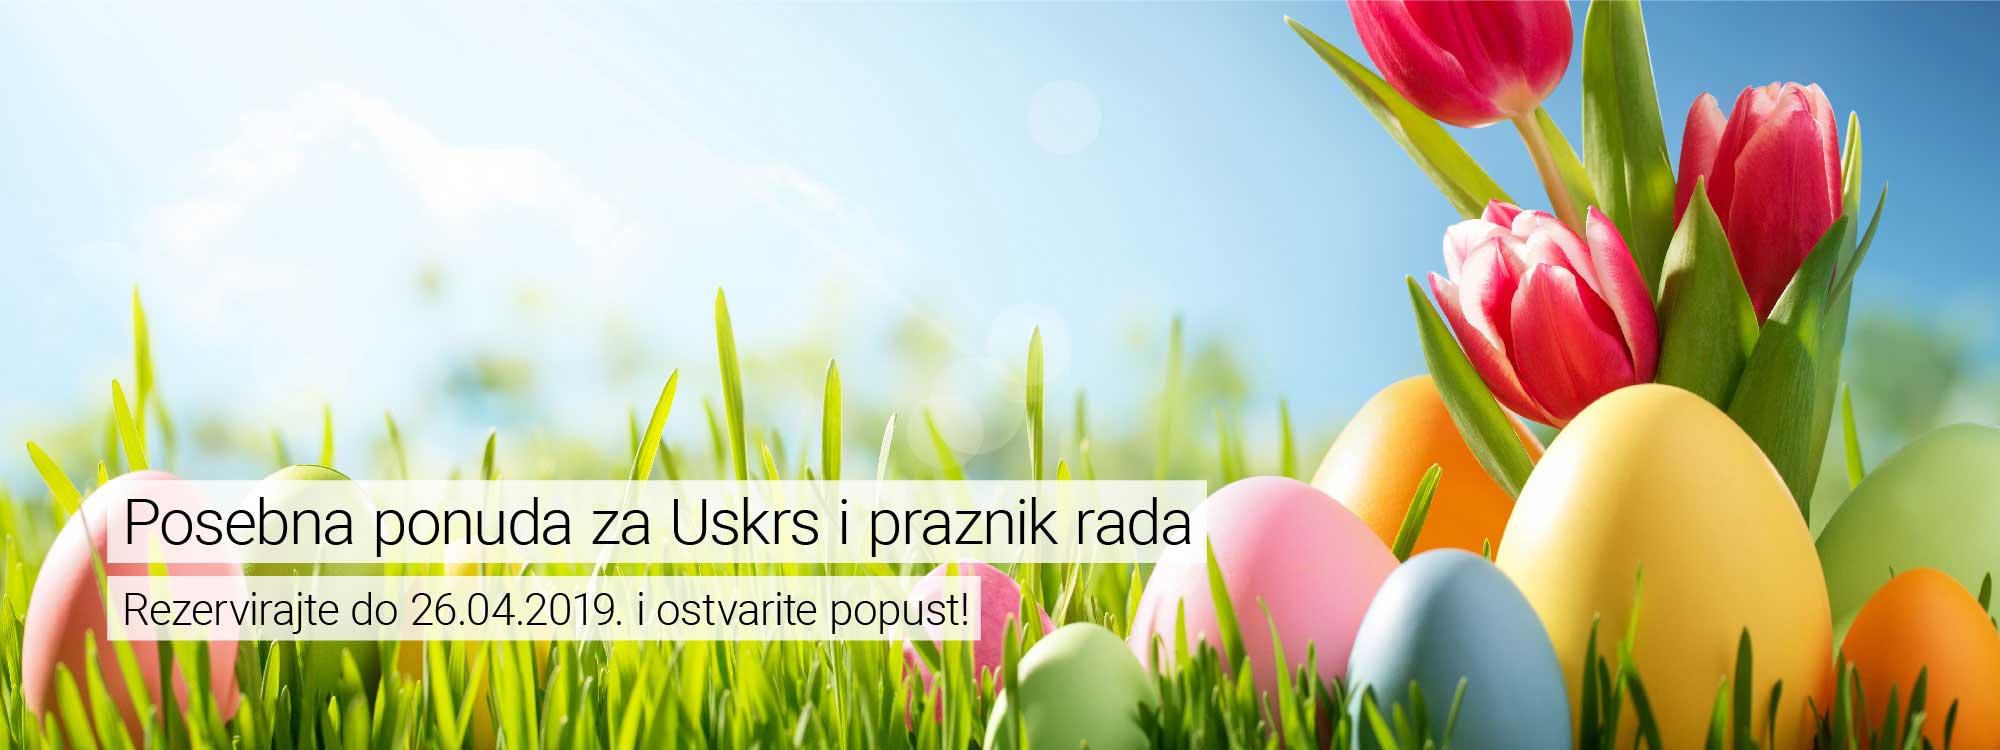 Web-slider-Easter-Labour-NOVO-HR